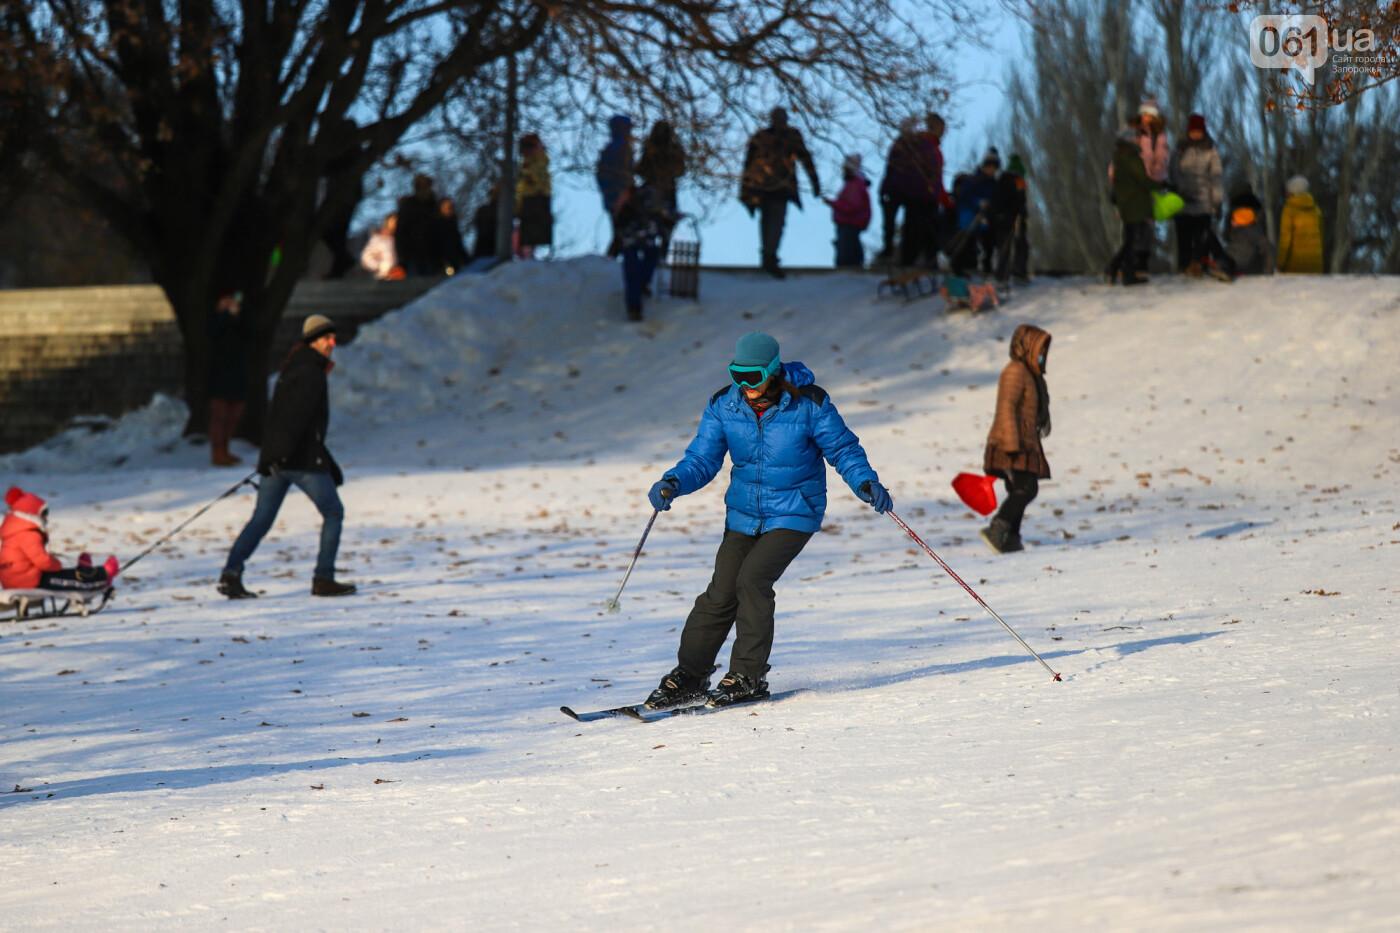 На санках, лыжах и сноуборде: запорожцы устроили массовое катание с горок в Вознесеновском парке, - ФОТОРЕПОРТАЖ, фото-10